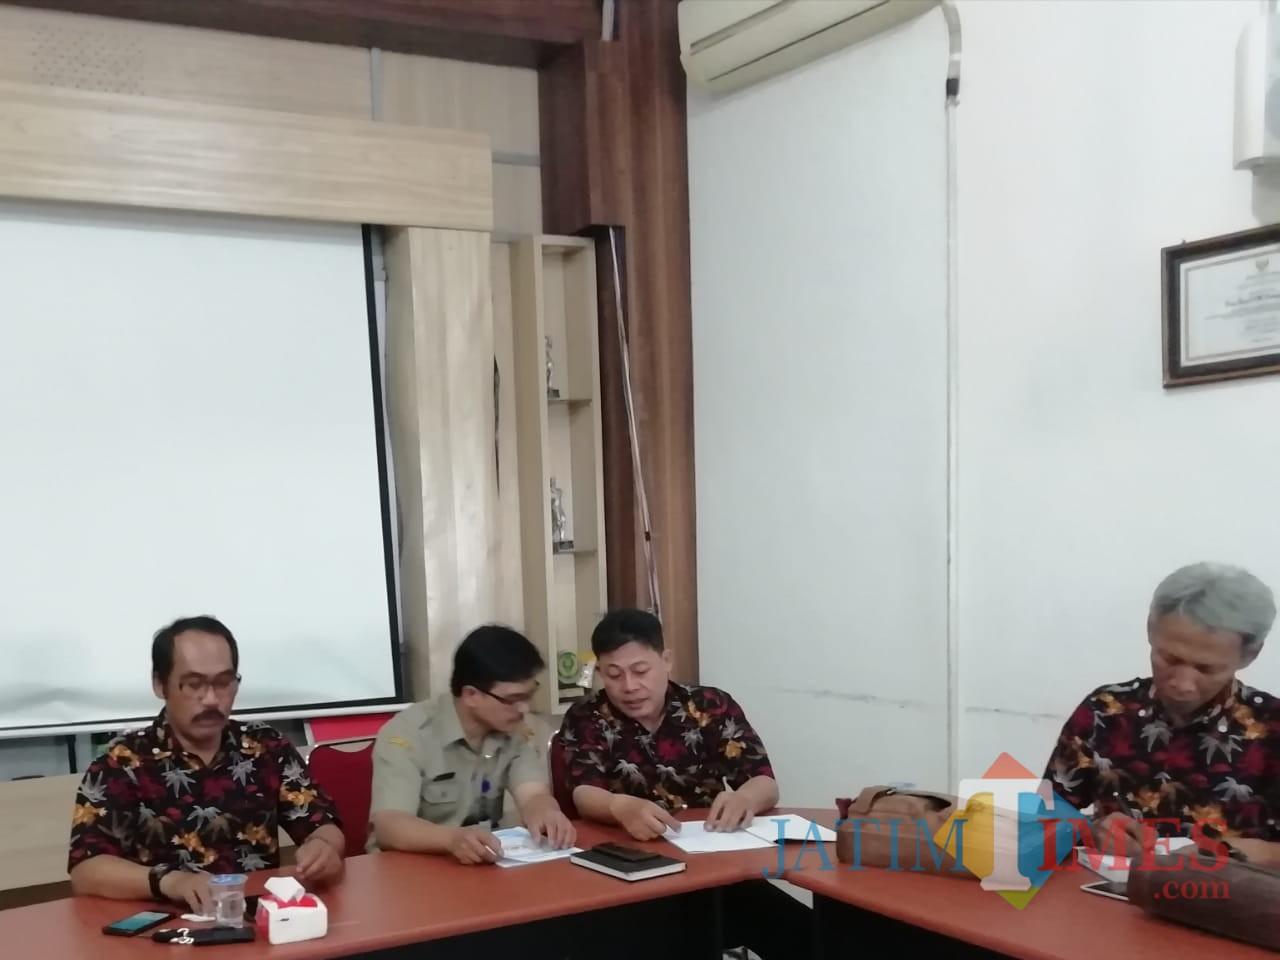 Imam Zuhdi Ketua KONI Kabupaten Malang (kiri) optimis mampu pertahankan posisi juara dan naik peringkat di Porprov Jatim 2019 (Nana)